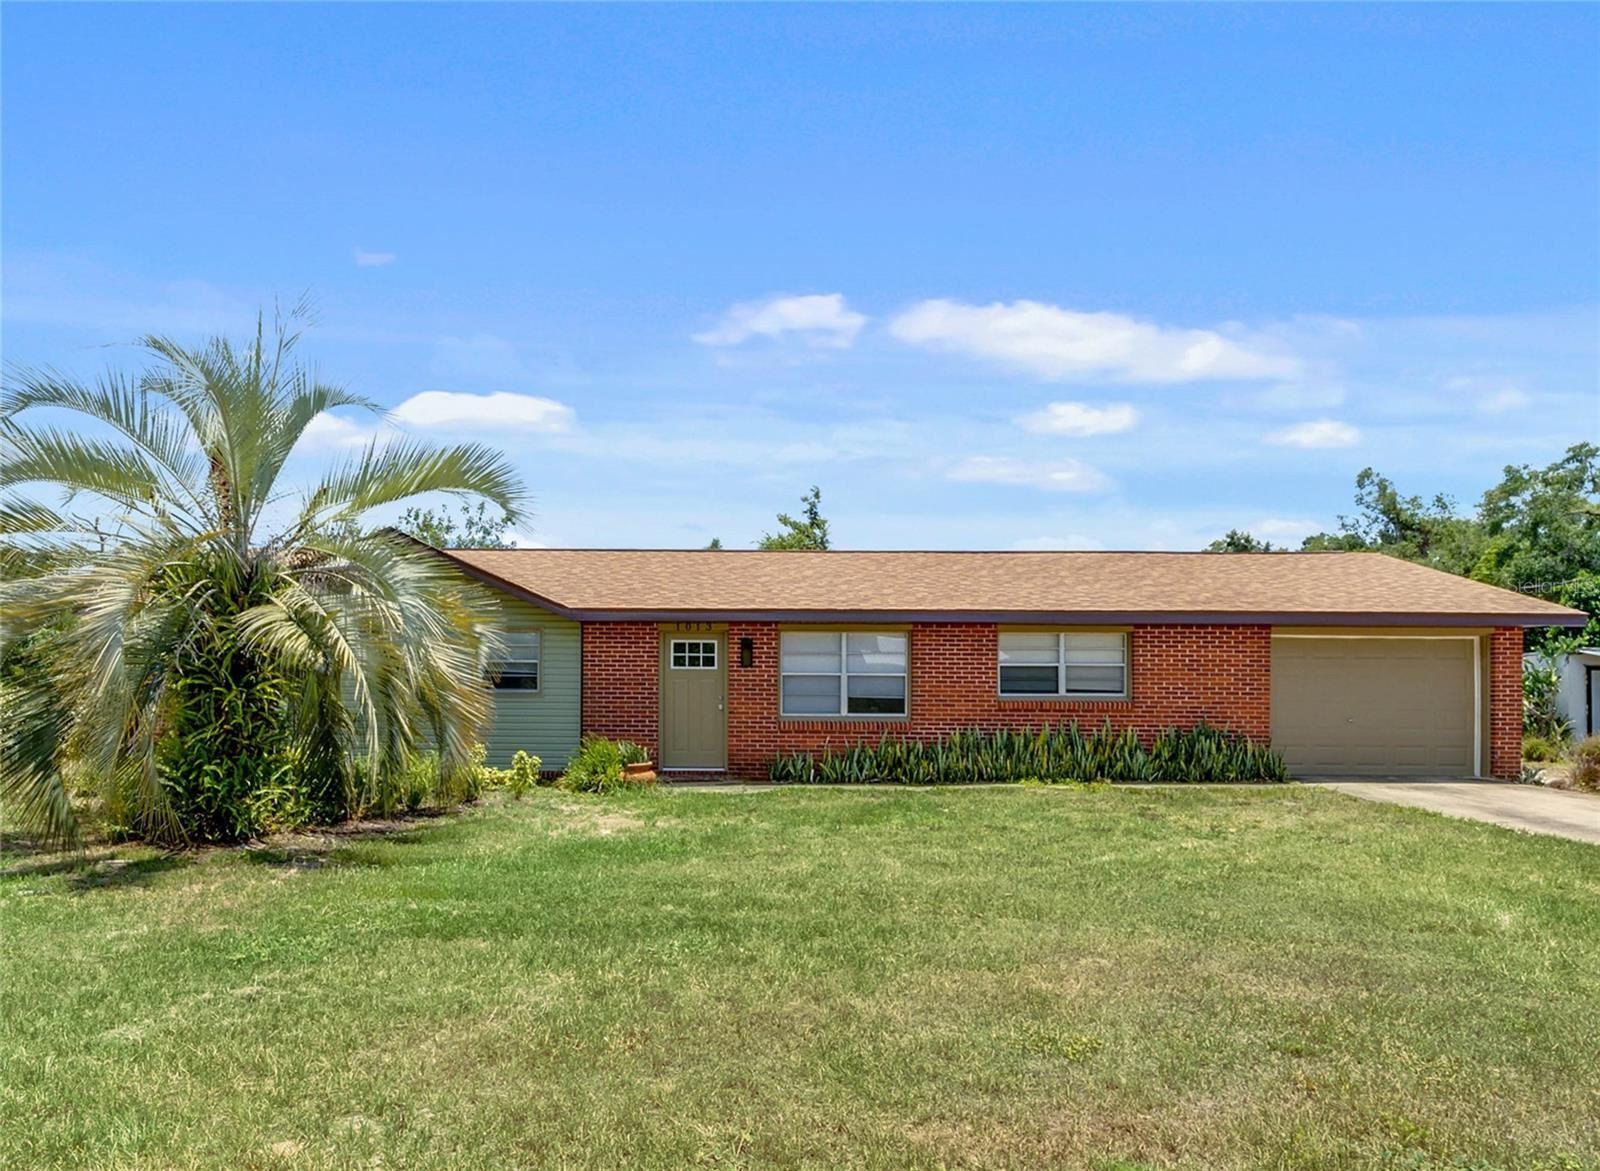 1013 N CLARA AVENUE, Deland, FL 32720 - MLS#: V4919662